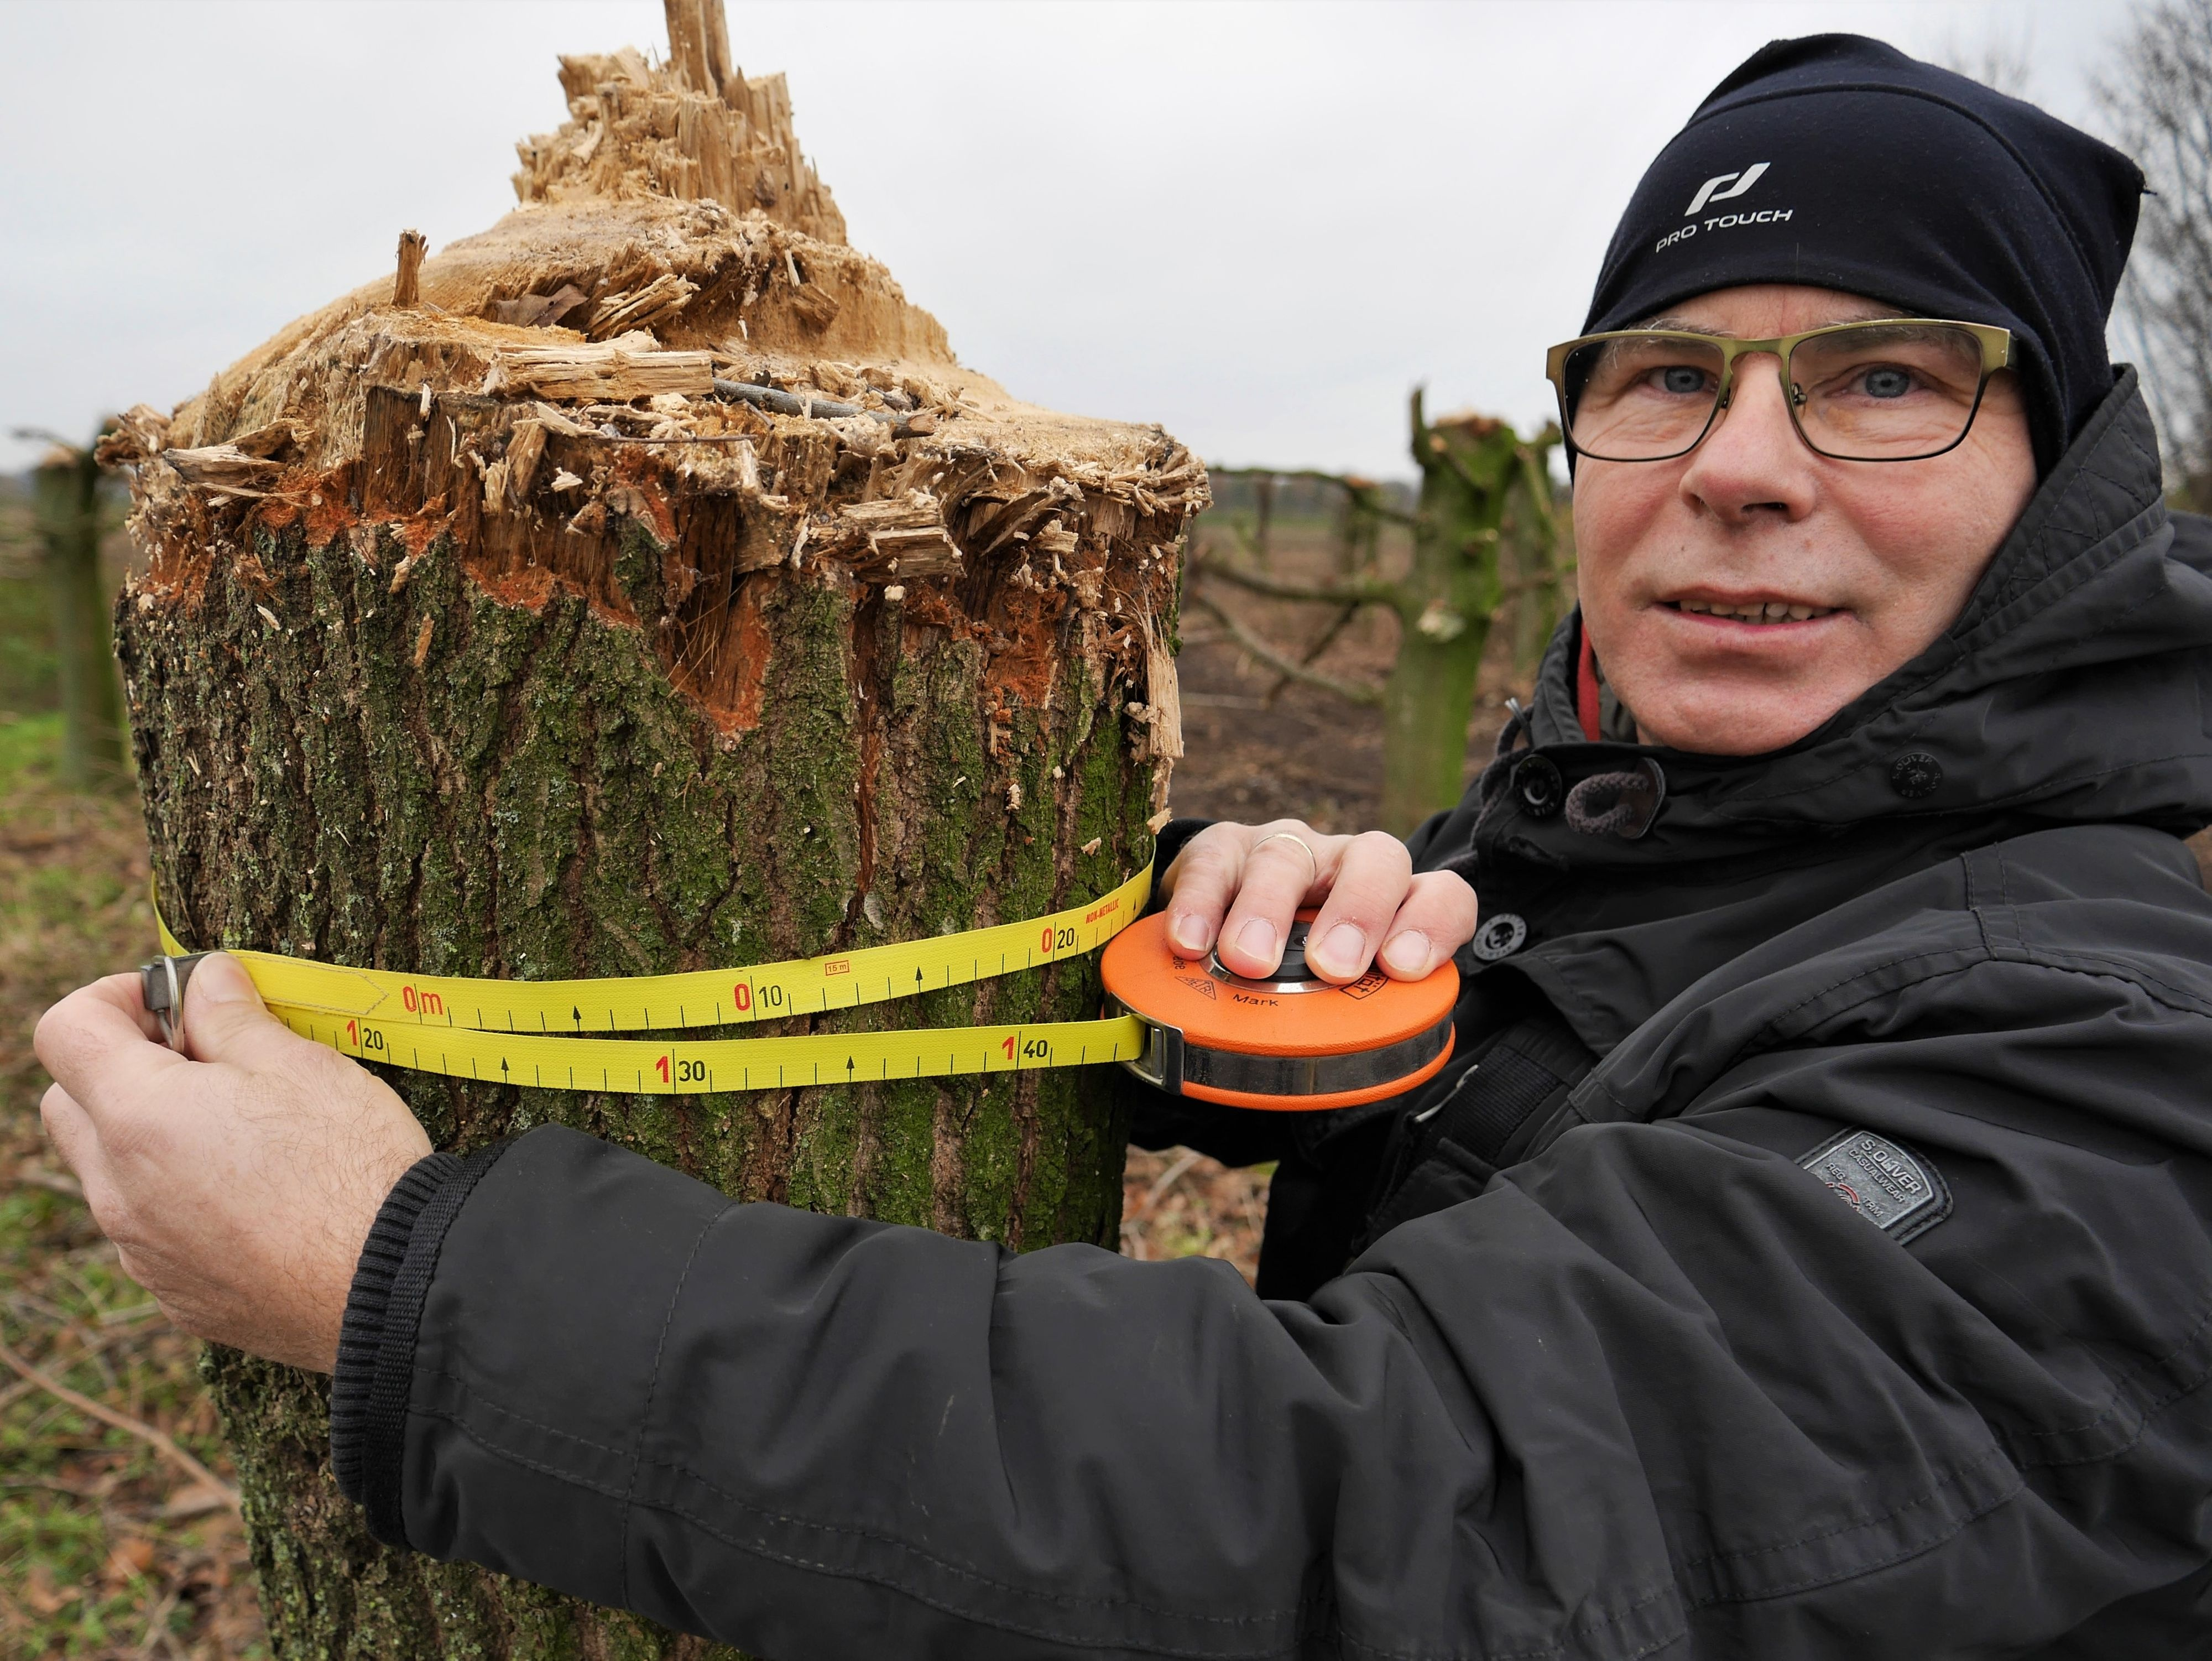 122 Zentimer Umfang misst Naturschützer Stefan Schulteder bei diesen unsachgemäß gekappten Baum, der wohl keine Überlebenschance hat. Foto: Schmutte